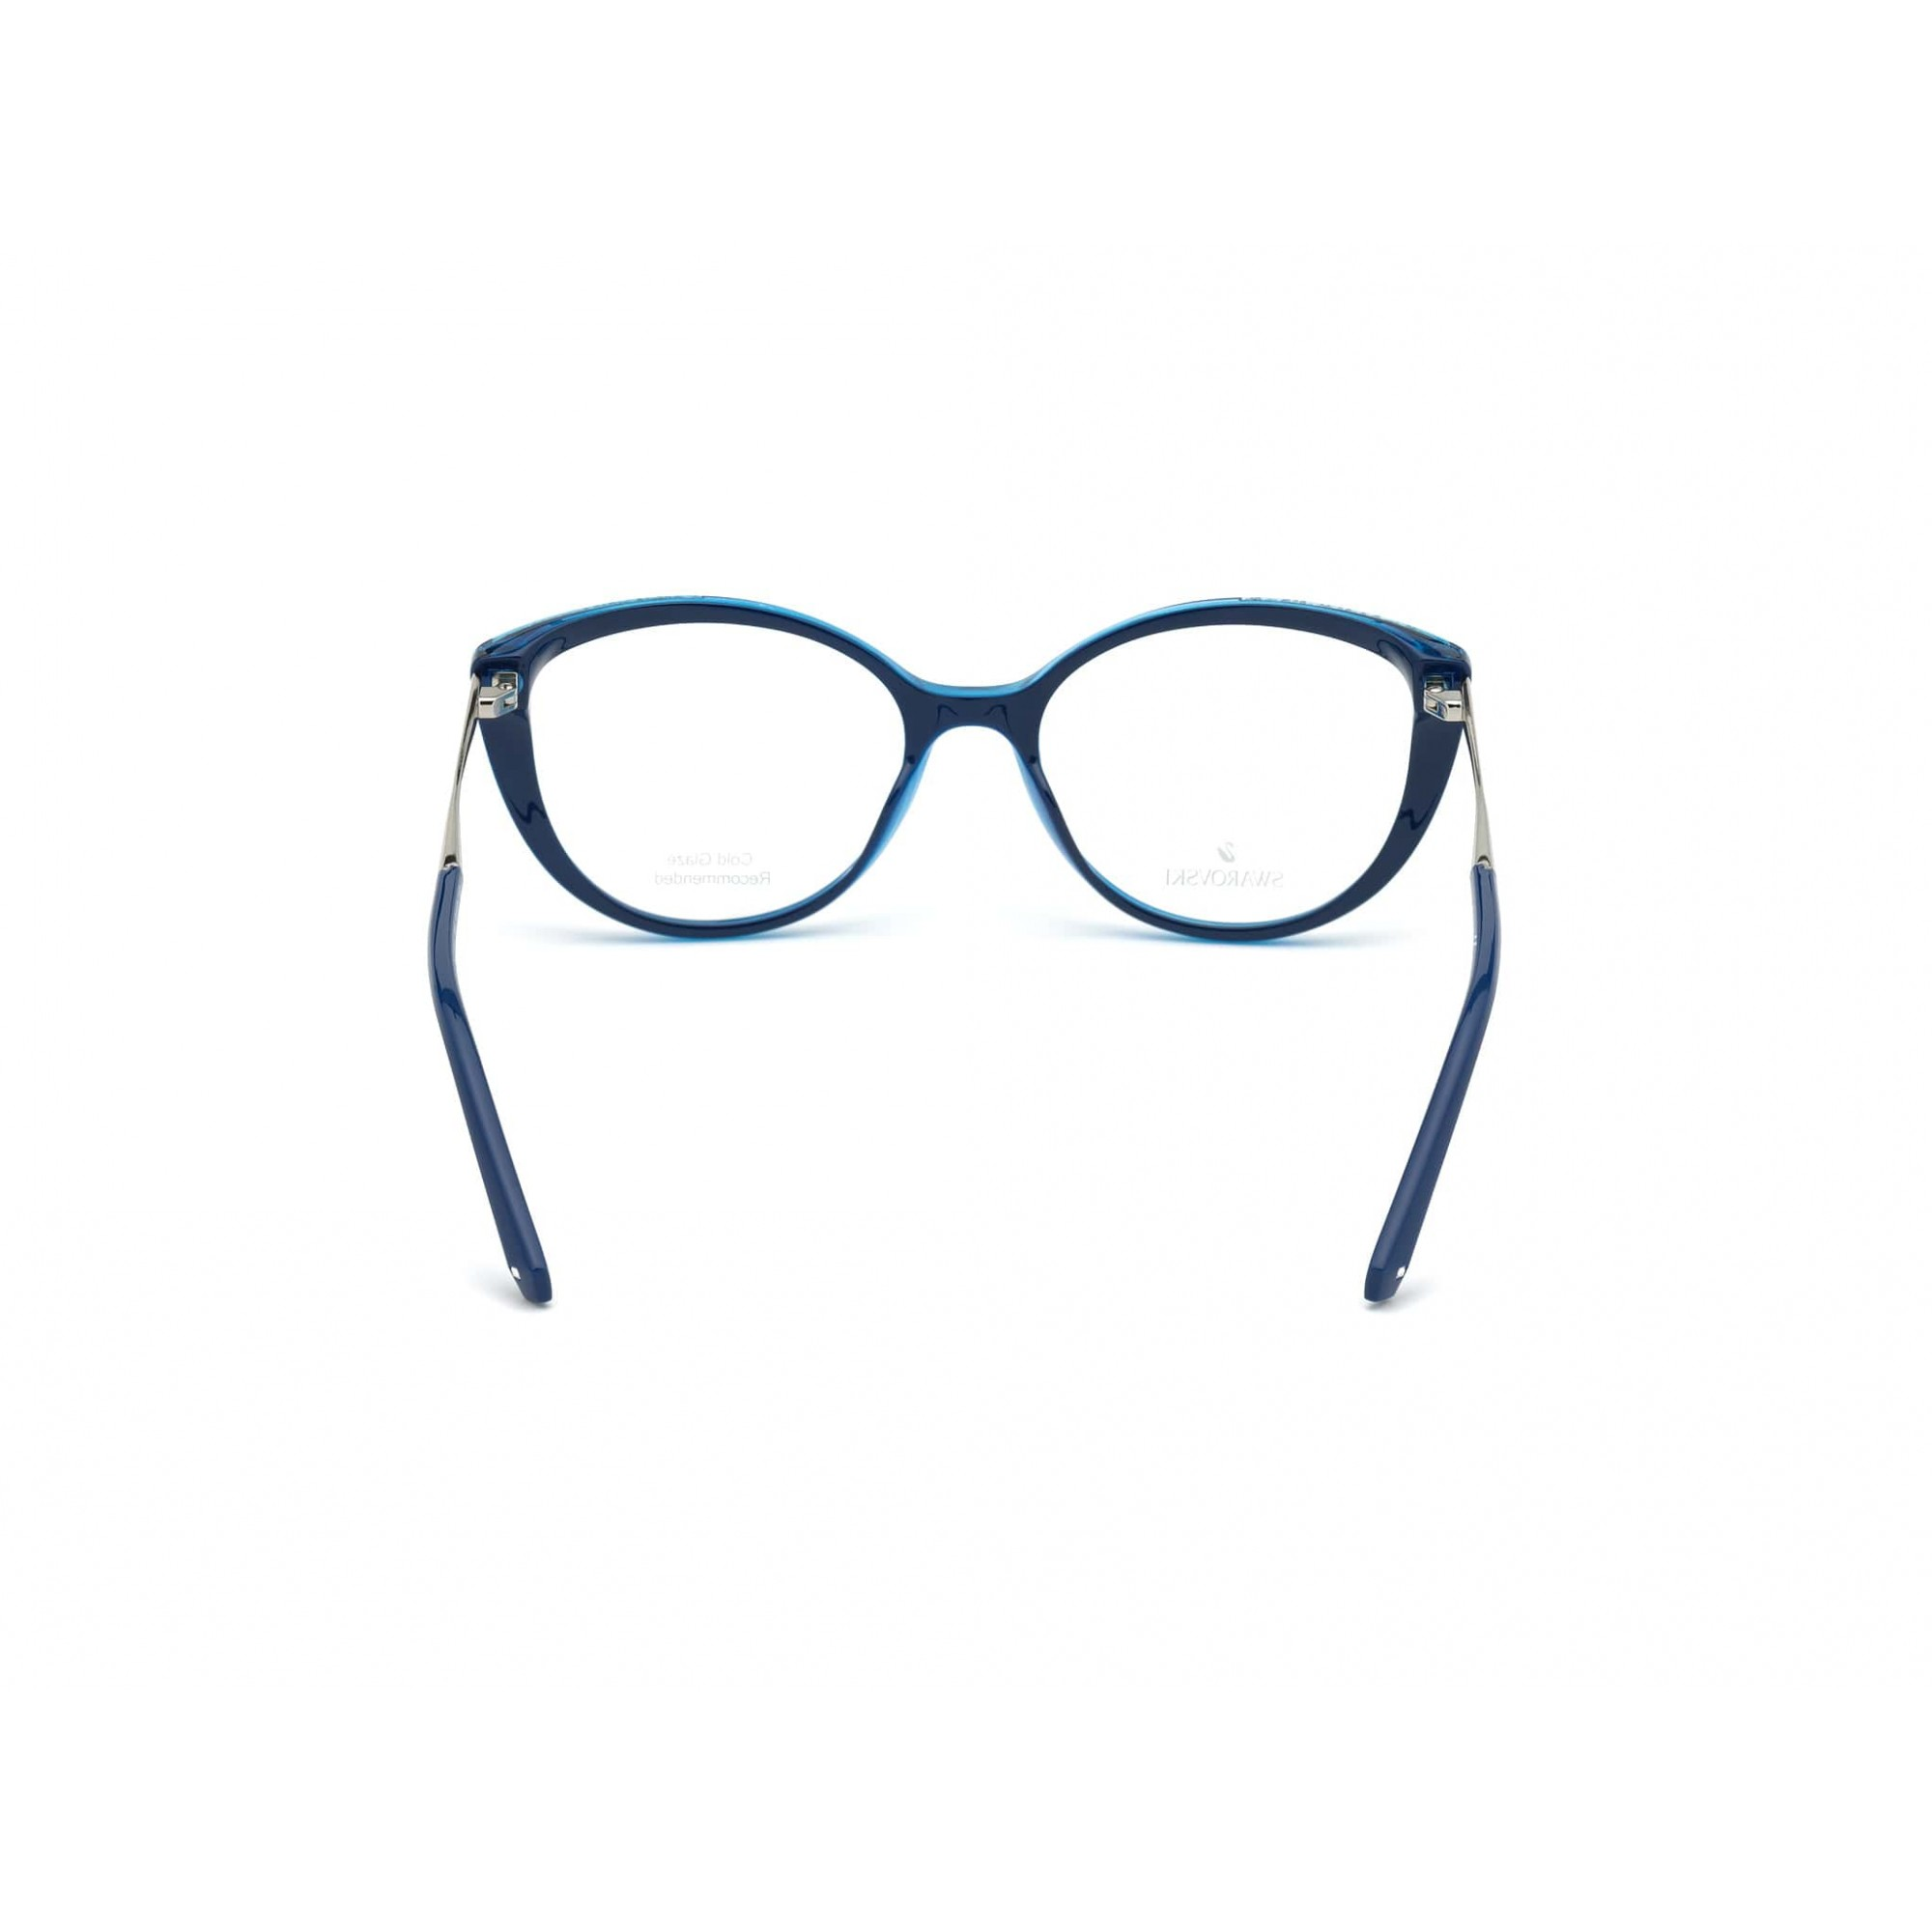 Swarovski - SK5362 090 53 - Óculos de grau